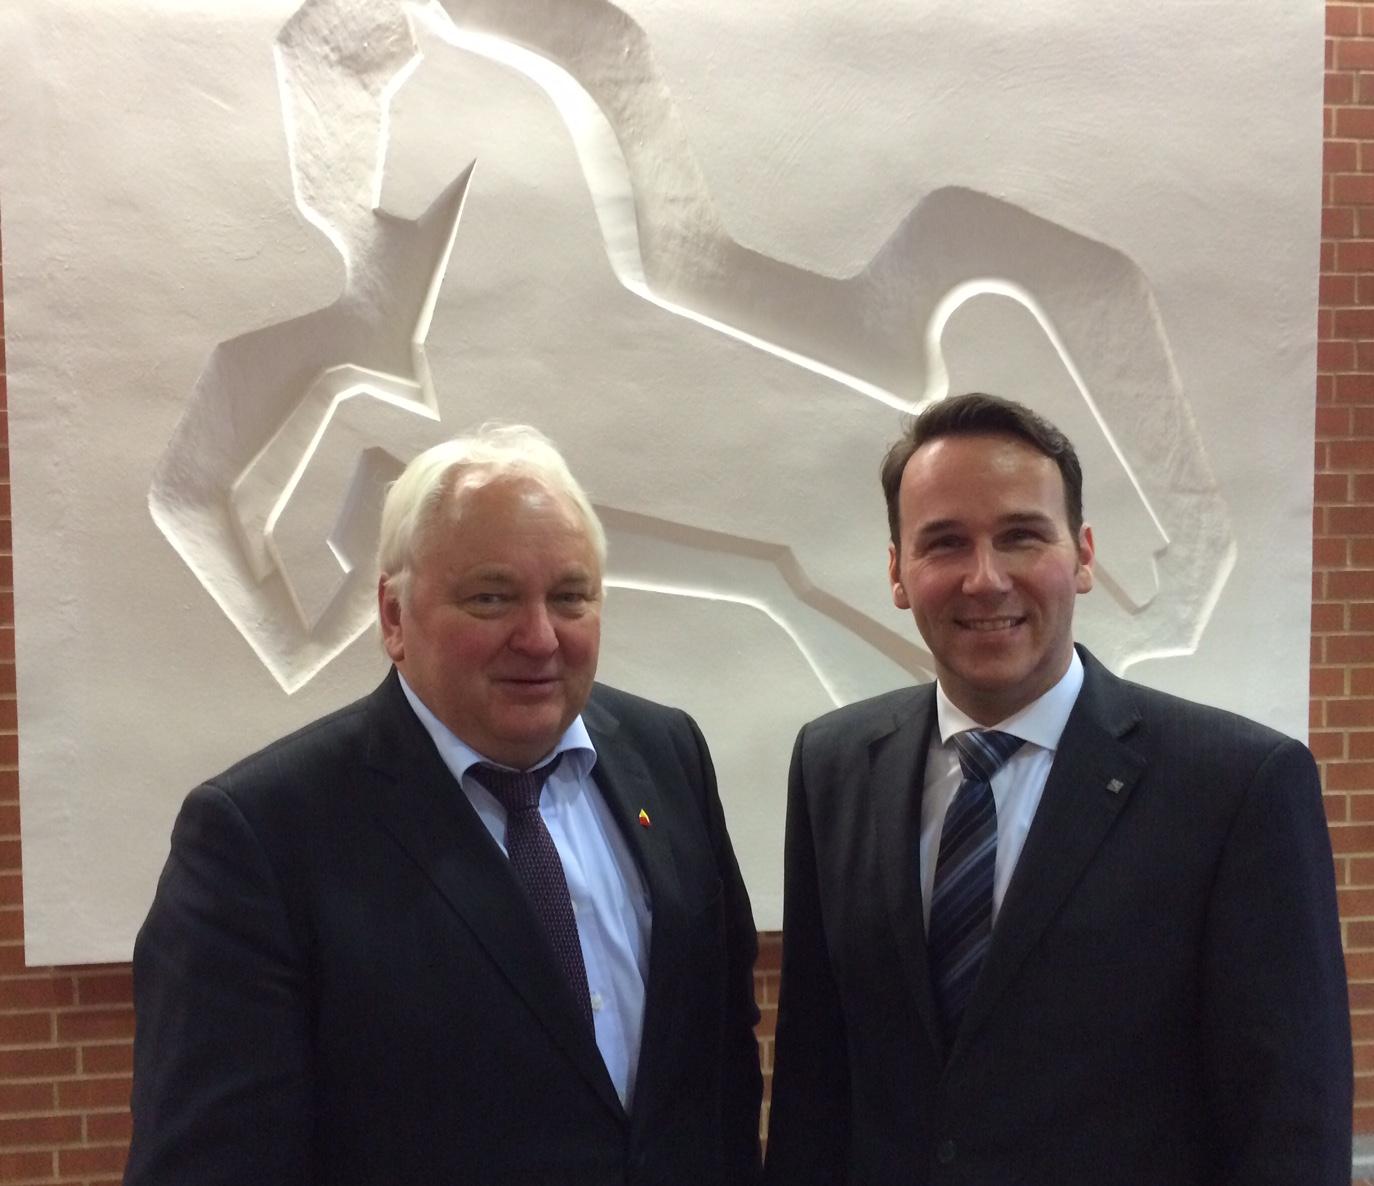 CDU -Die CDU Abgeordneten André Bock (r.) und Heiner Schönecke wollen gemeinsam mit der SPD den Nahverkehr im Umland stärken.